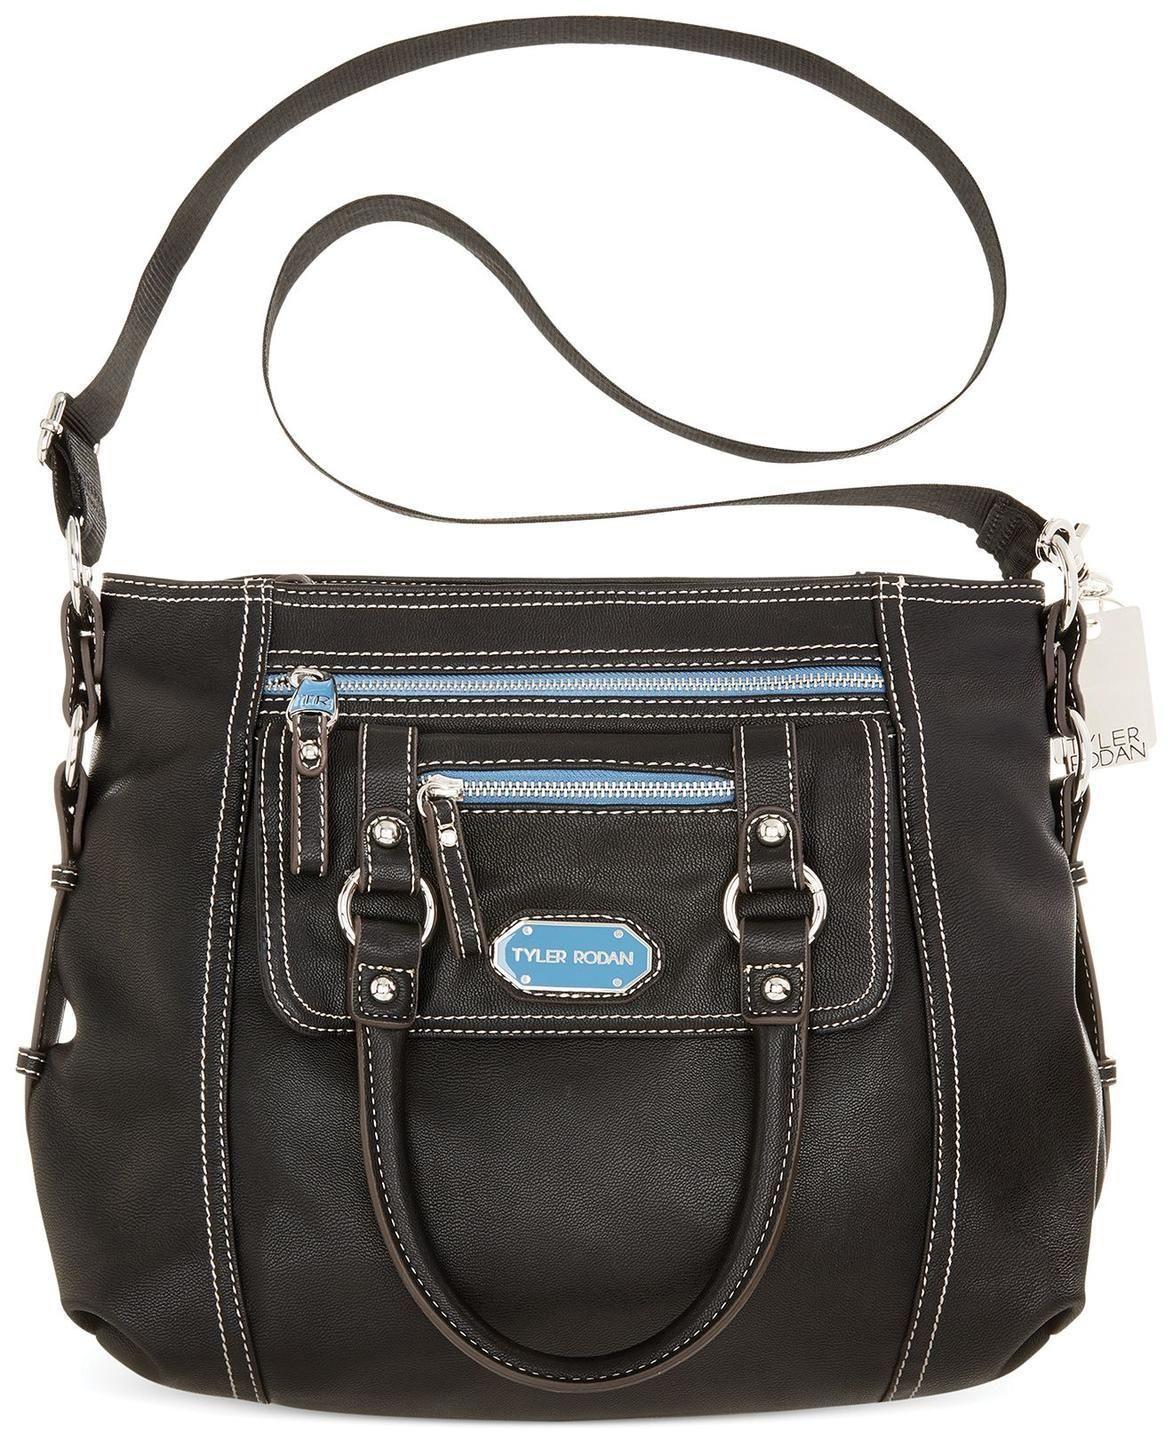 Tyler Rodan Crossbody Handbags And Purses On Bags Pursescom